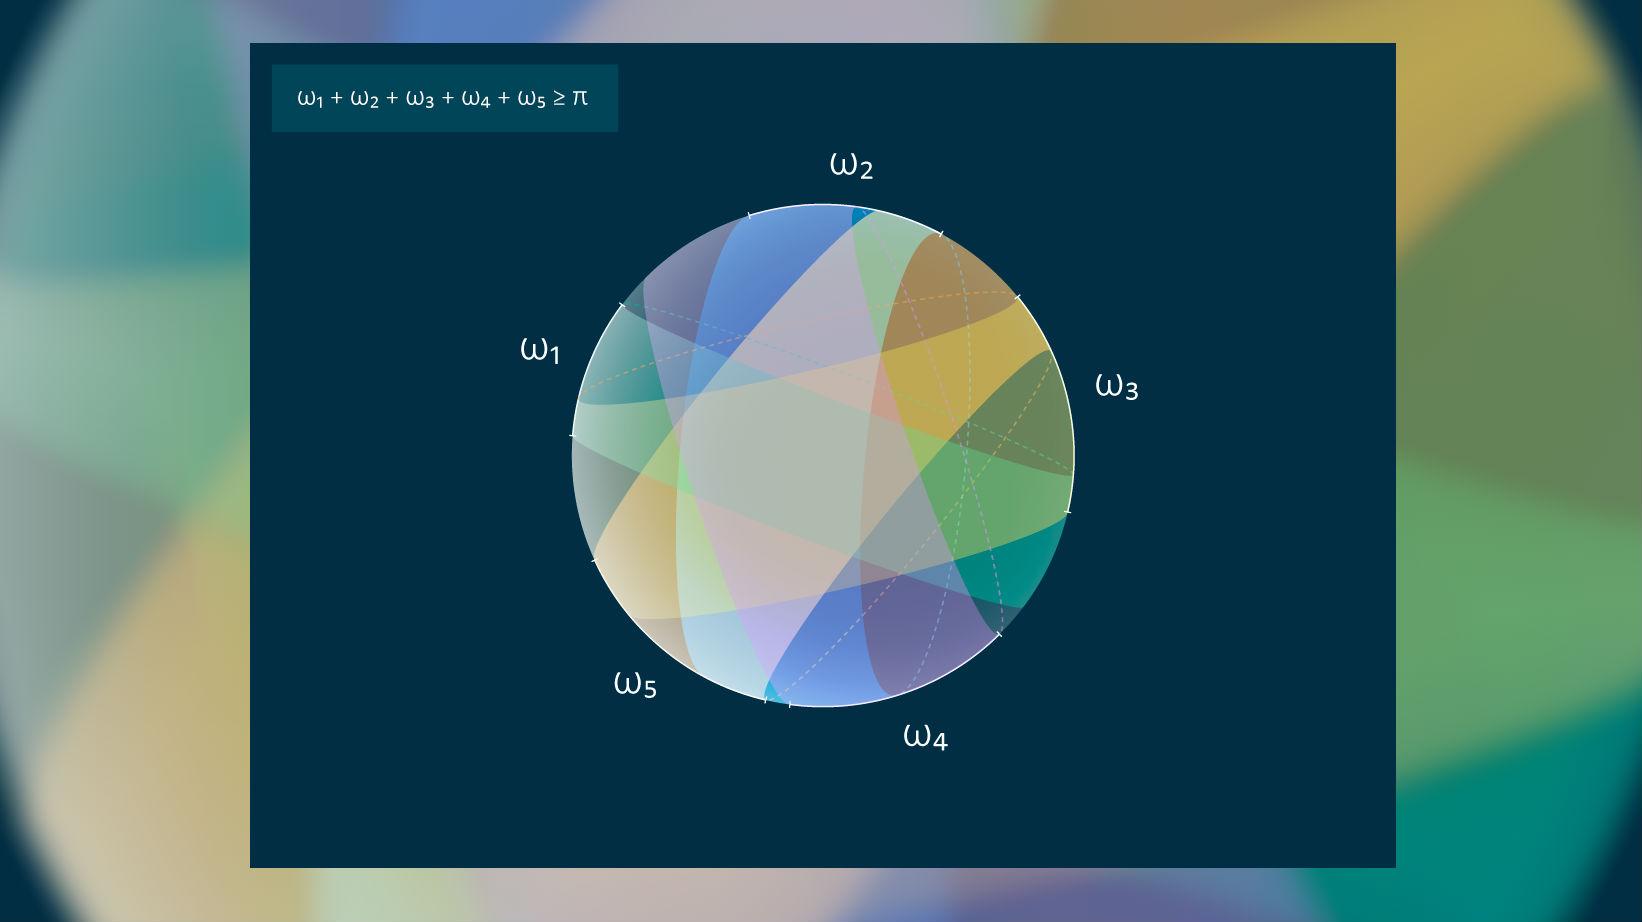 Полное покрытие сферы пятью зонами.